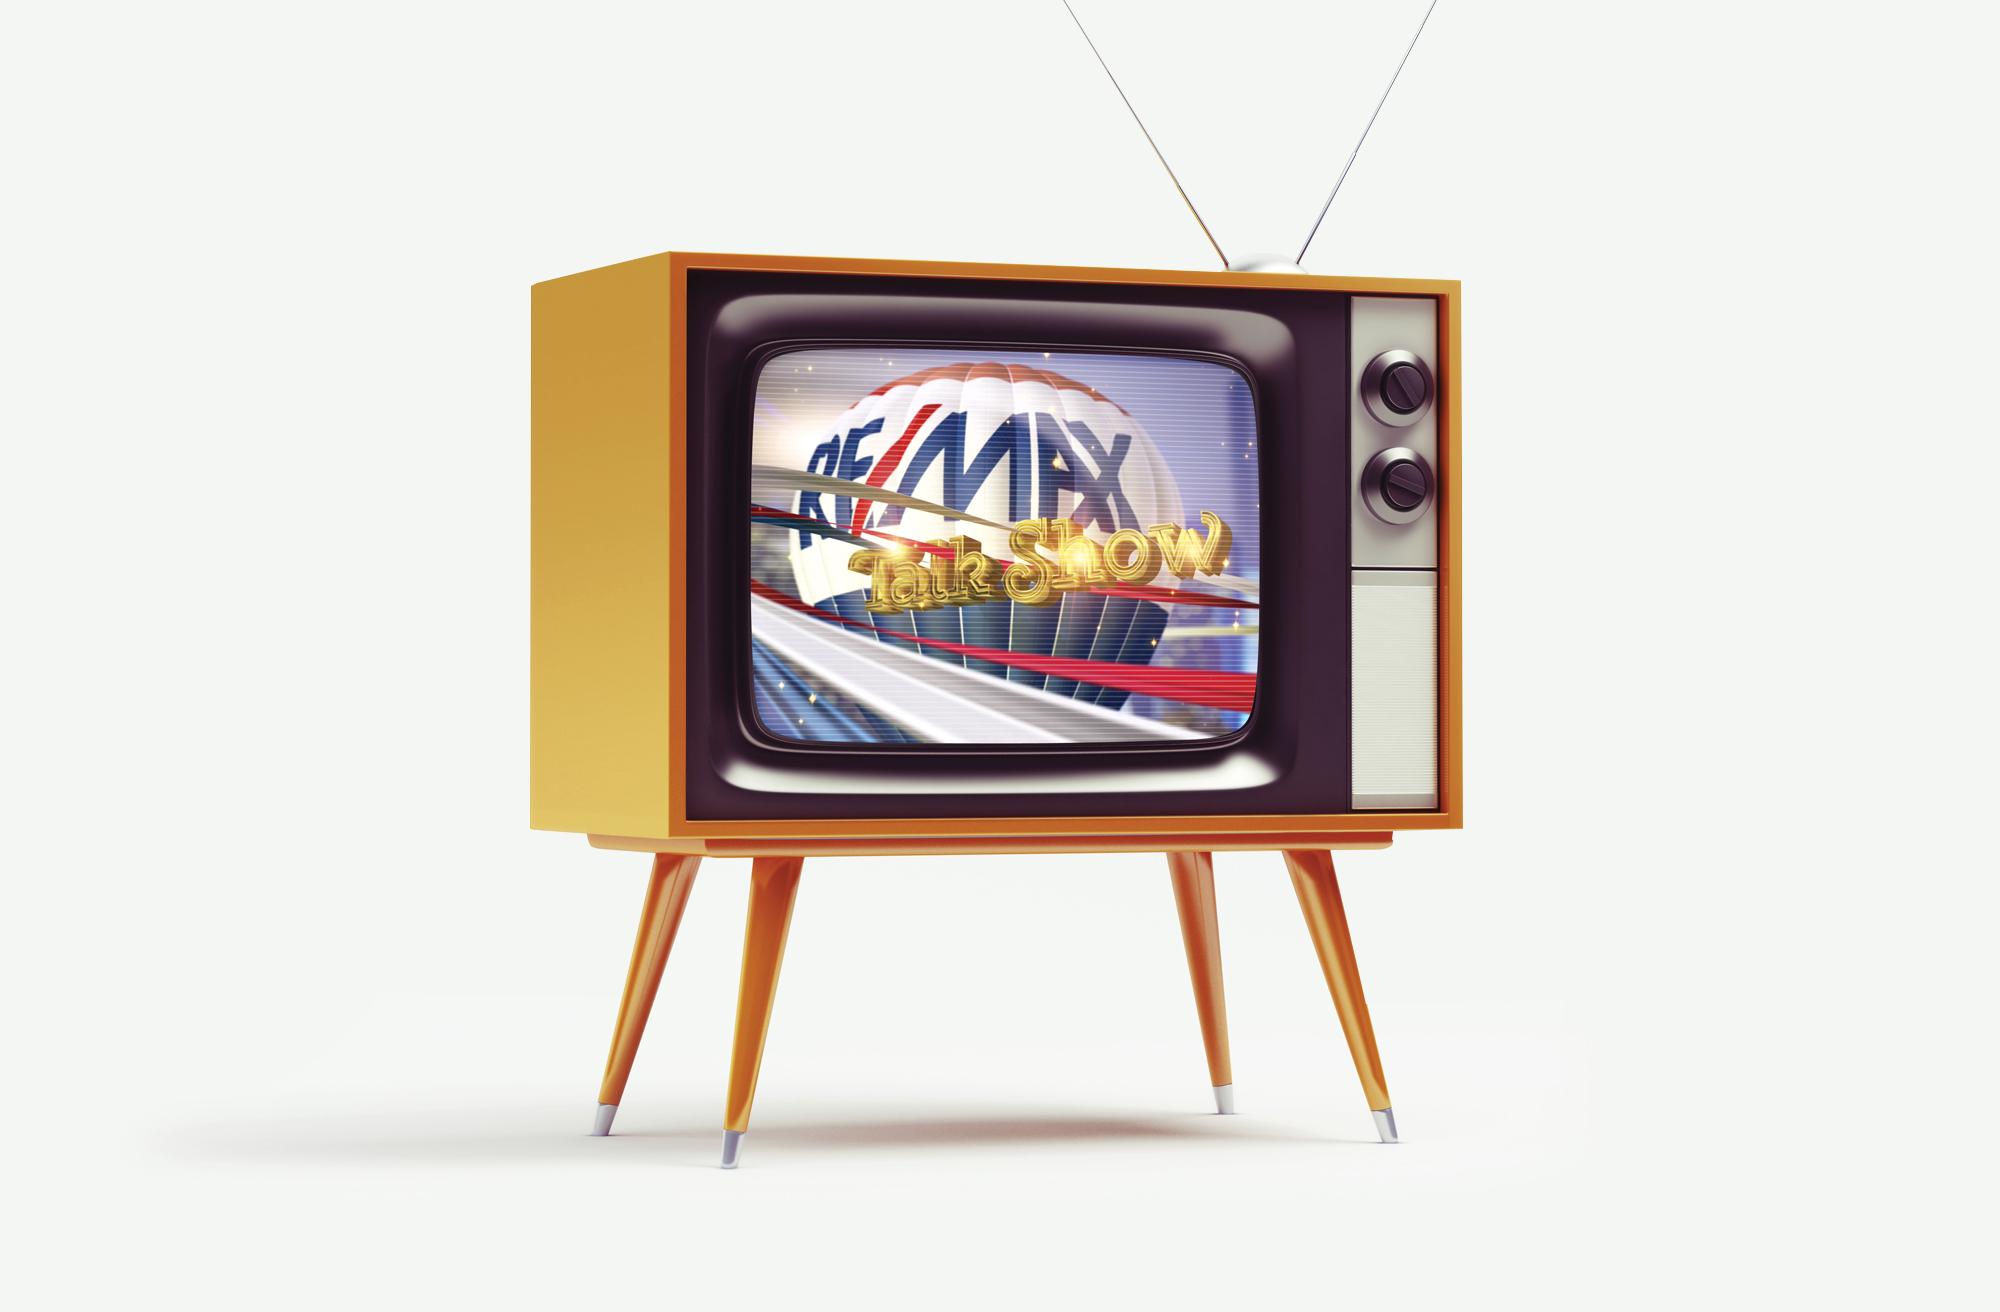 remax_tv